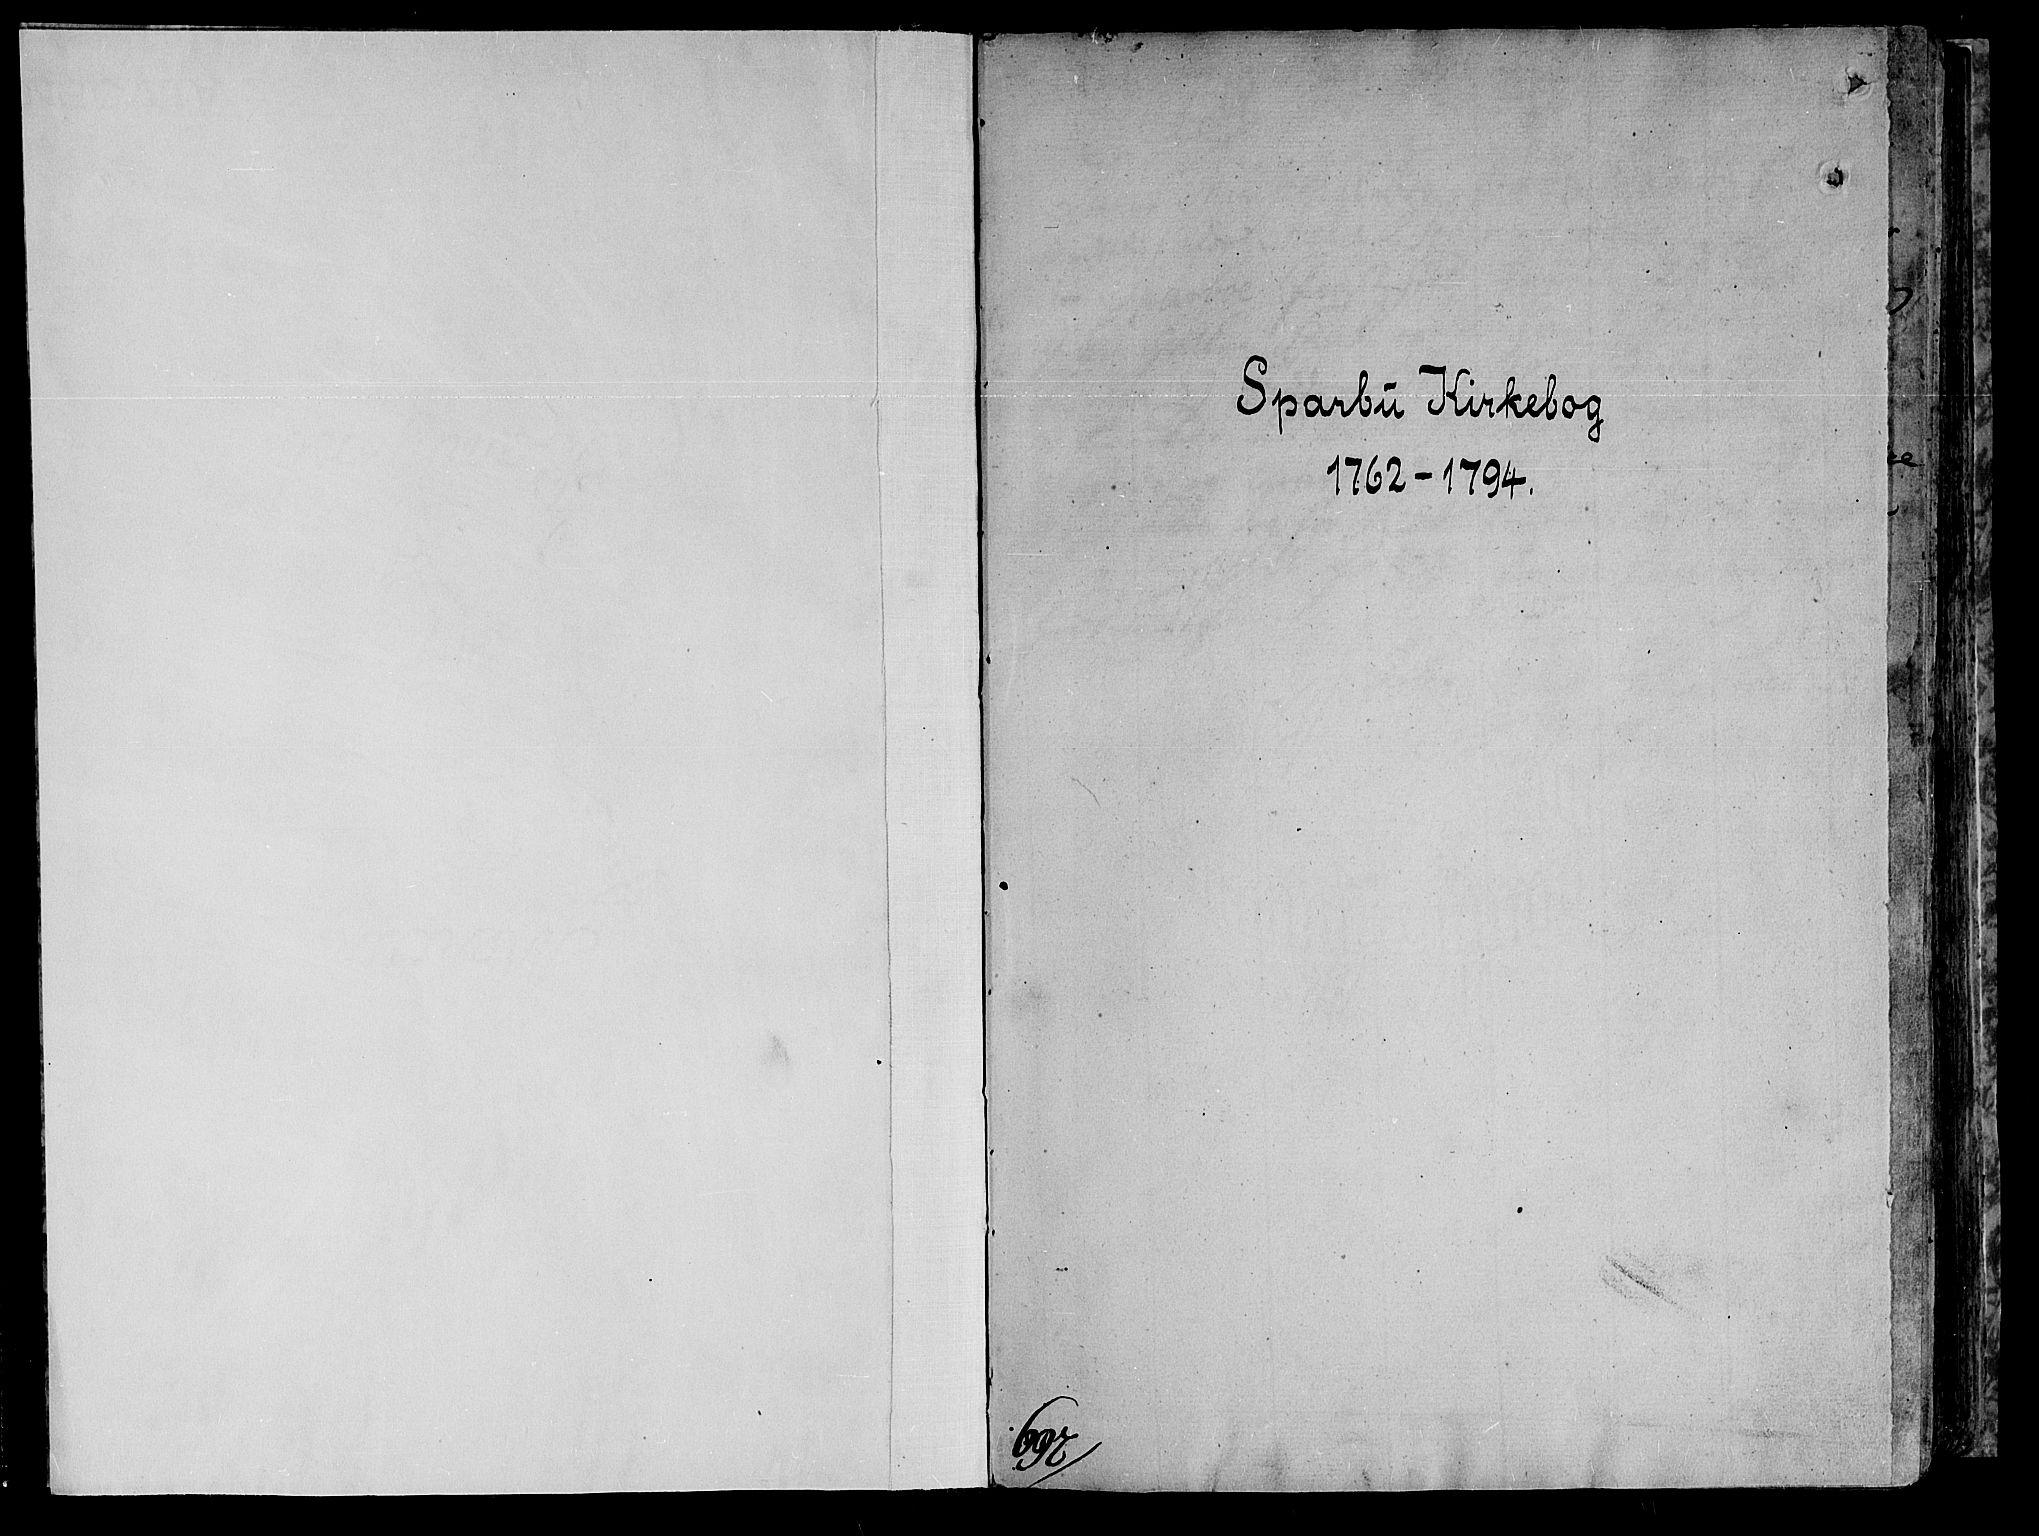 SAT, Ministerialprotokoller, klokkerbøker og fødselsregistre - Nord-Trøndelag, 735/L0331: Parish register (official) no. 735A02, 1762-1794